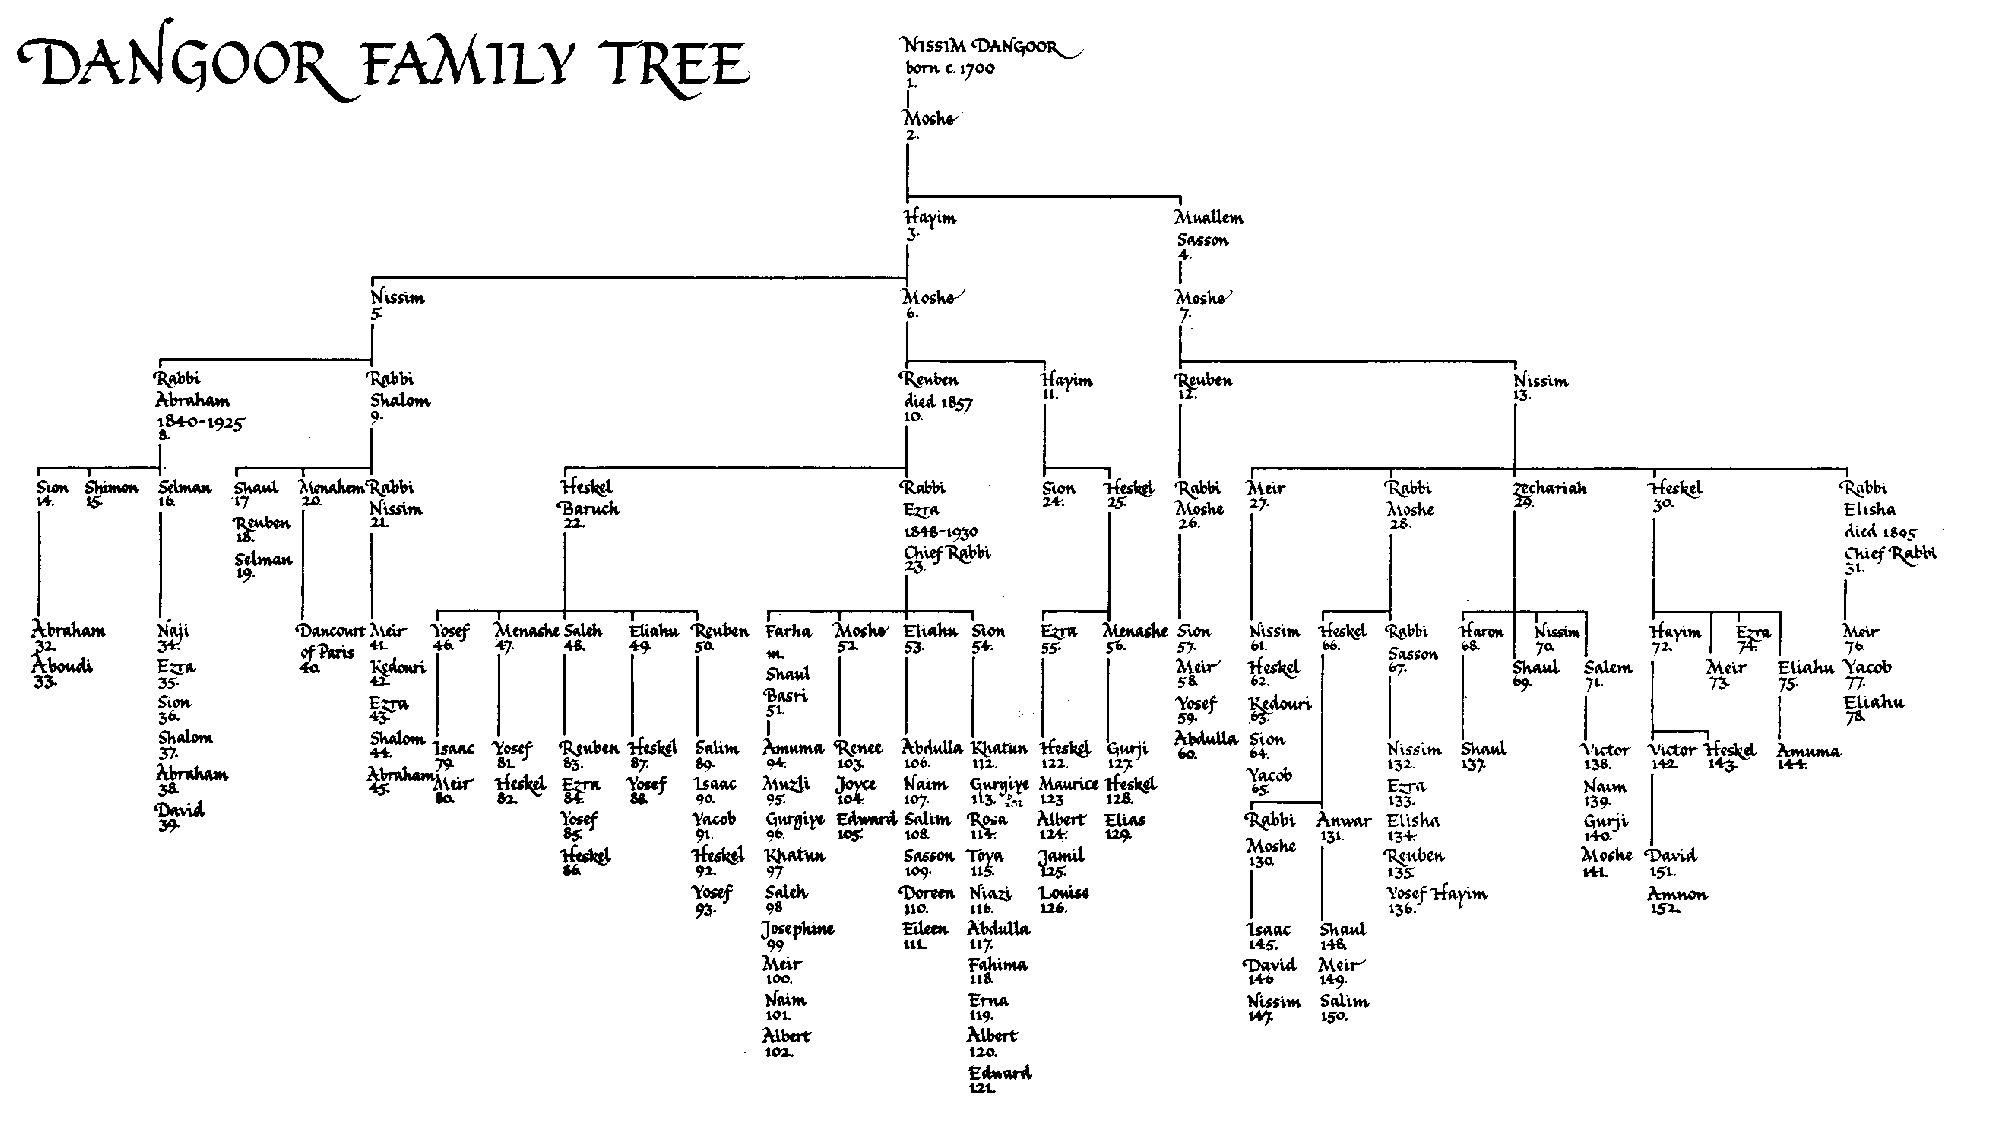 Family 20tree 20final 202